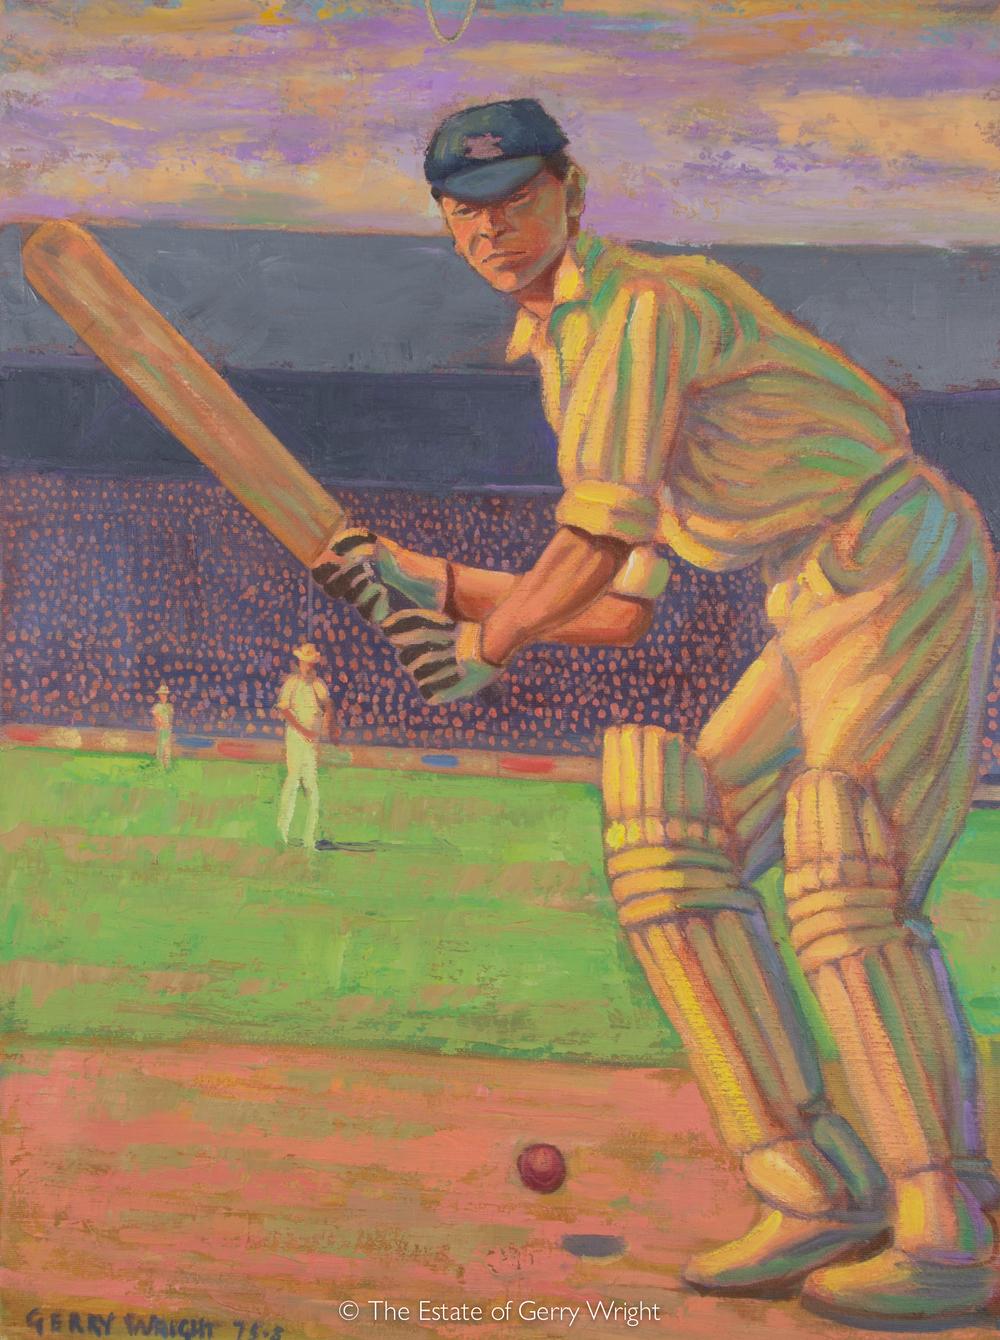 Jack Hobbs